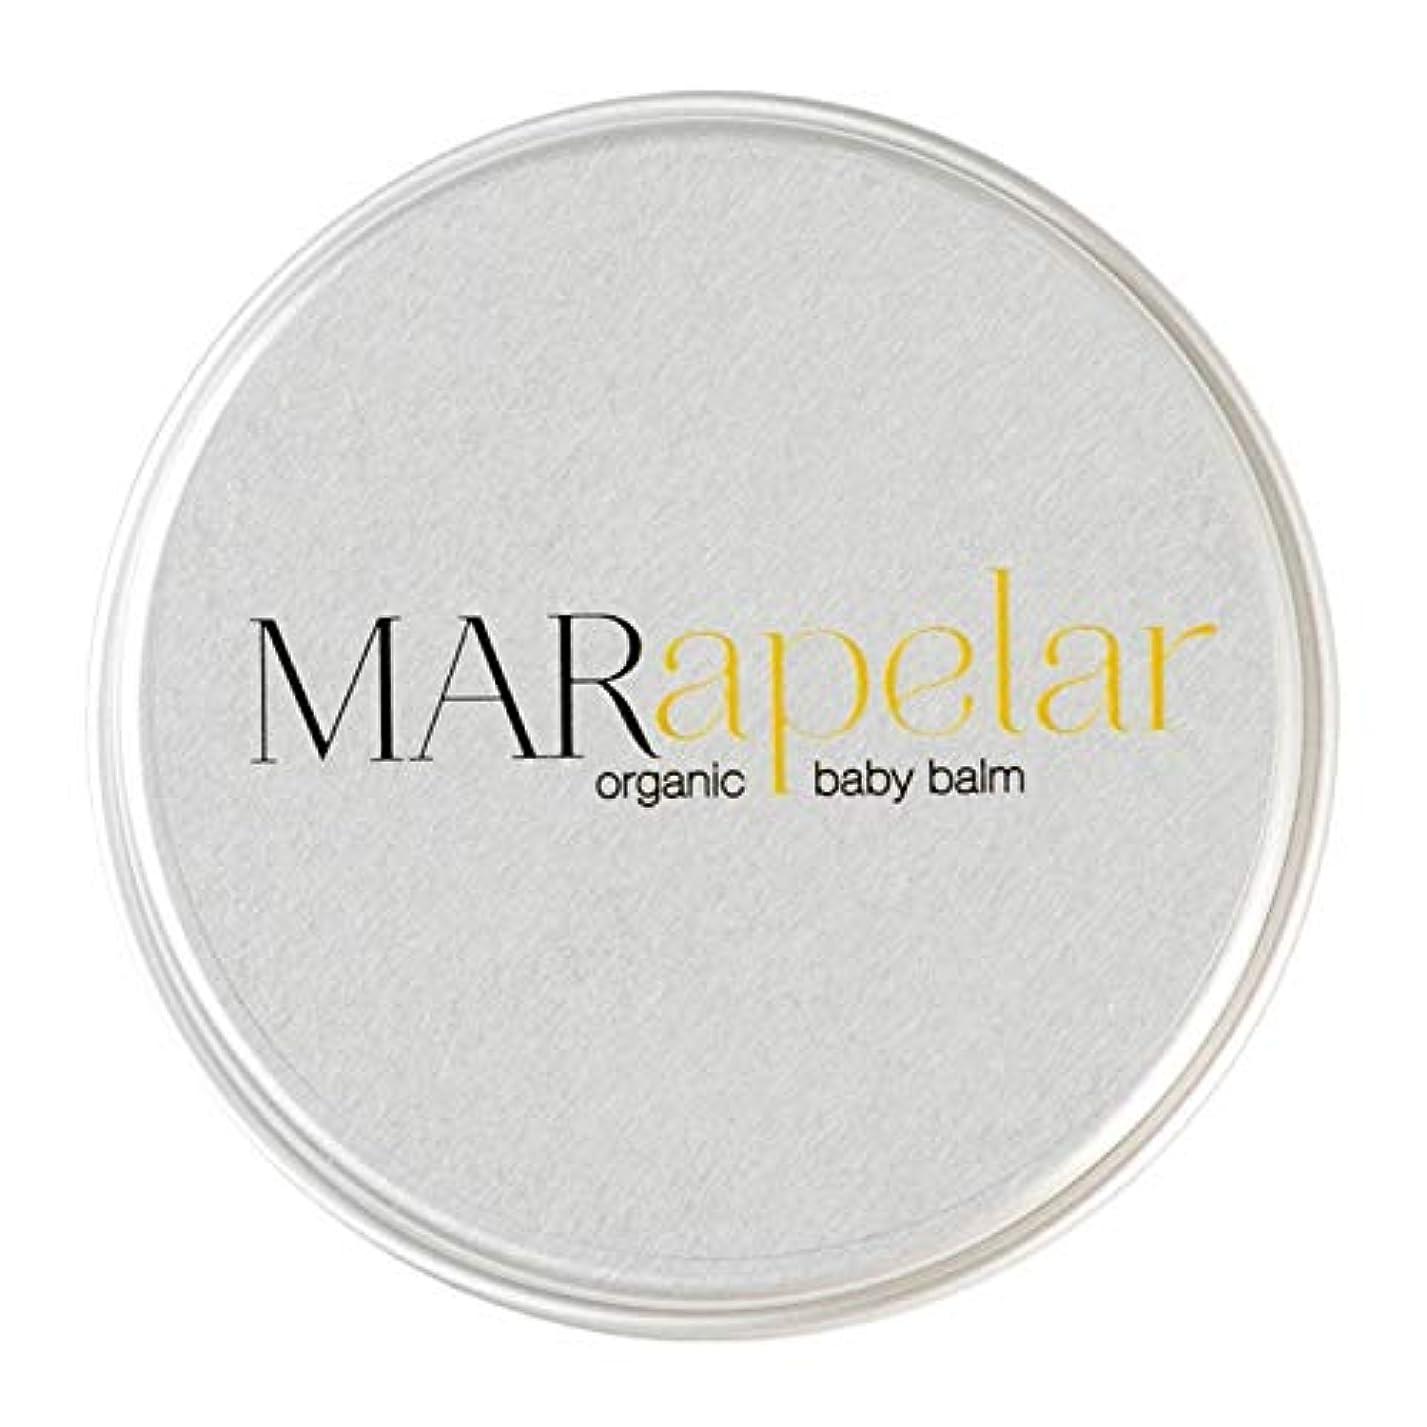 ベッドを作る頑丈ペルメルマールアペラル (MARapelar) オーガニックバームクリーム(20g) / 約30日分